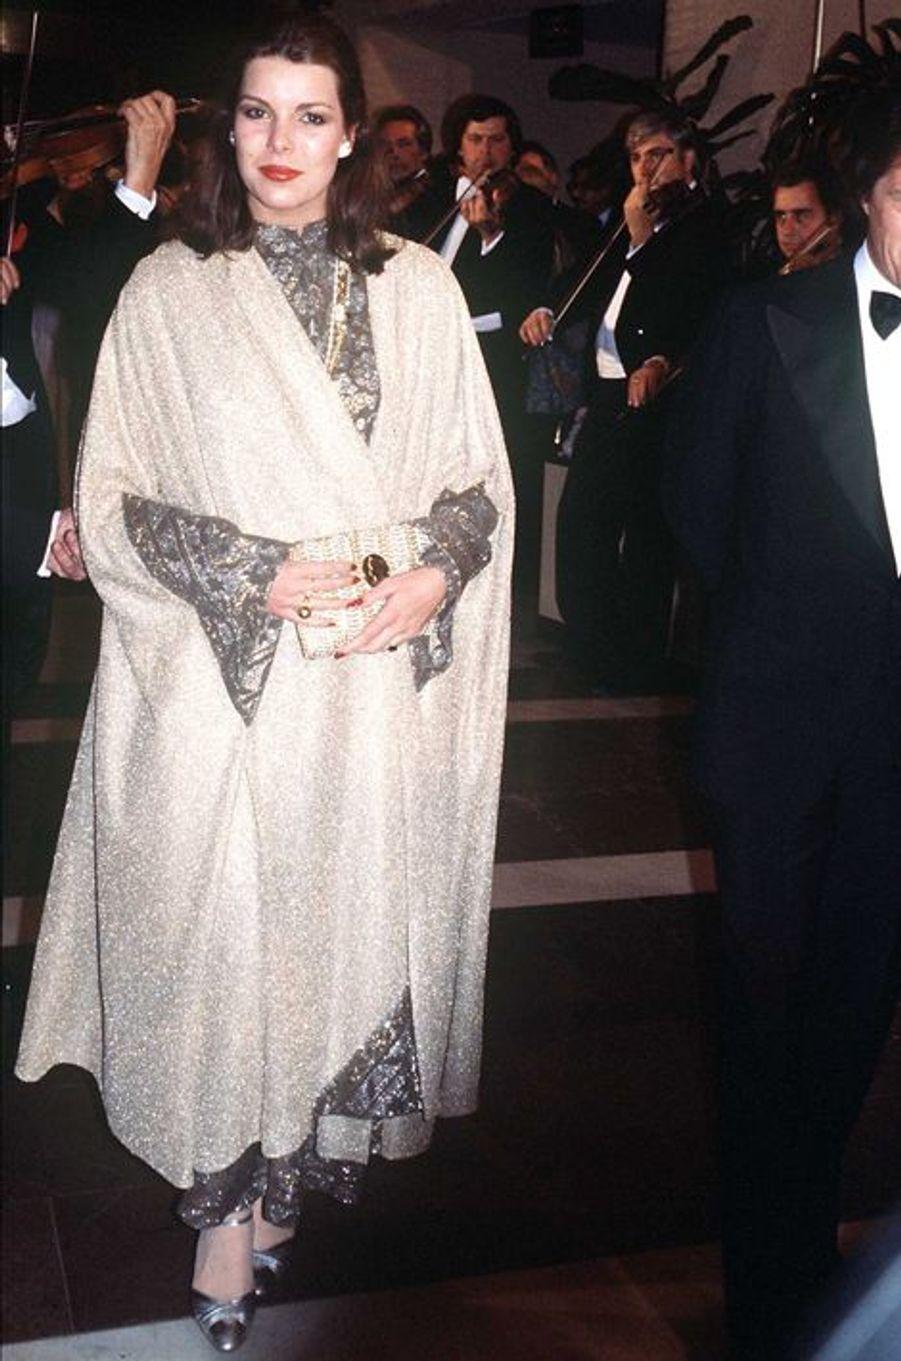 La princesse Caroline de Monaco au bal de la Rose 1978